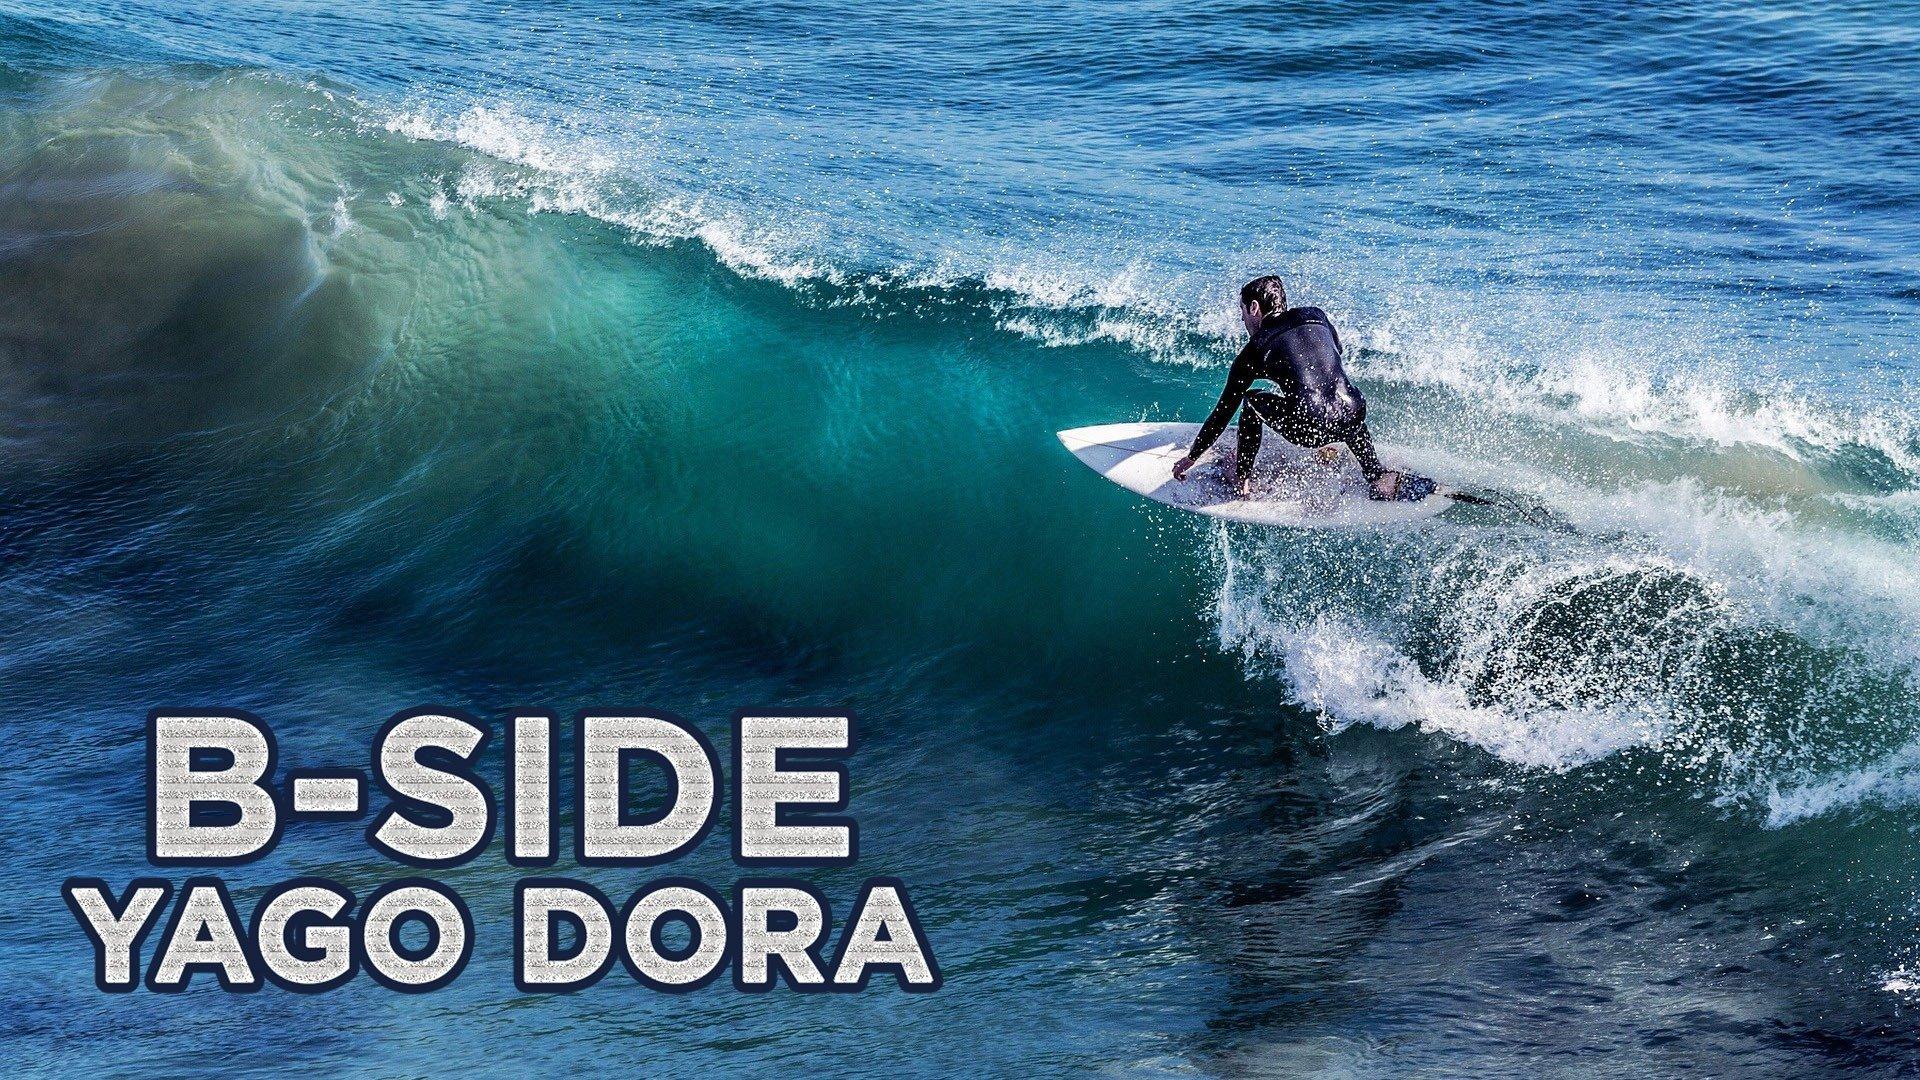 B-Side: Yago Dora